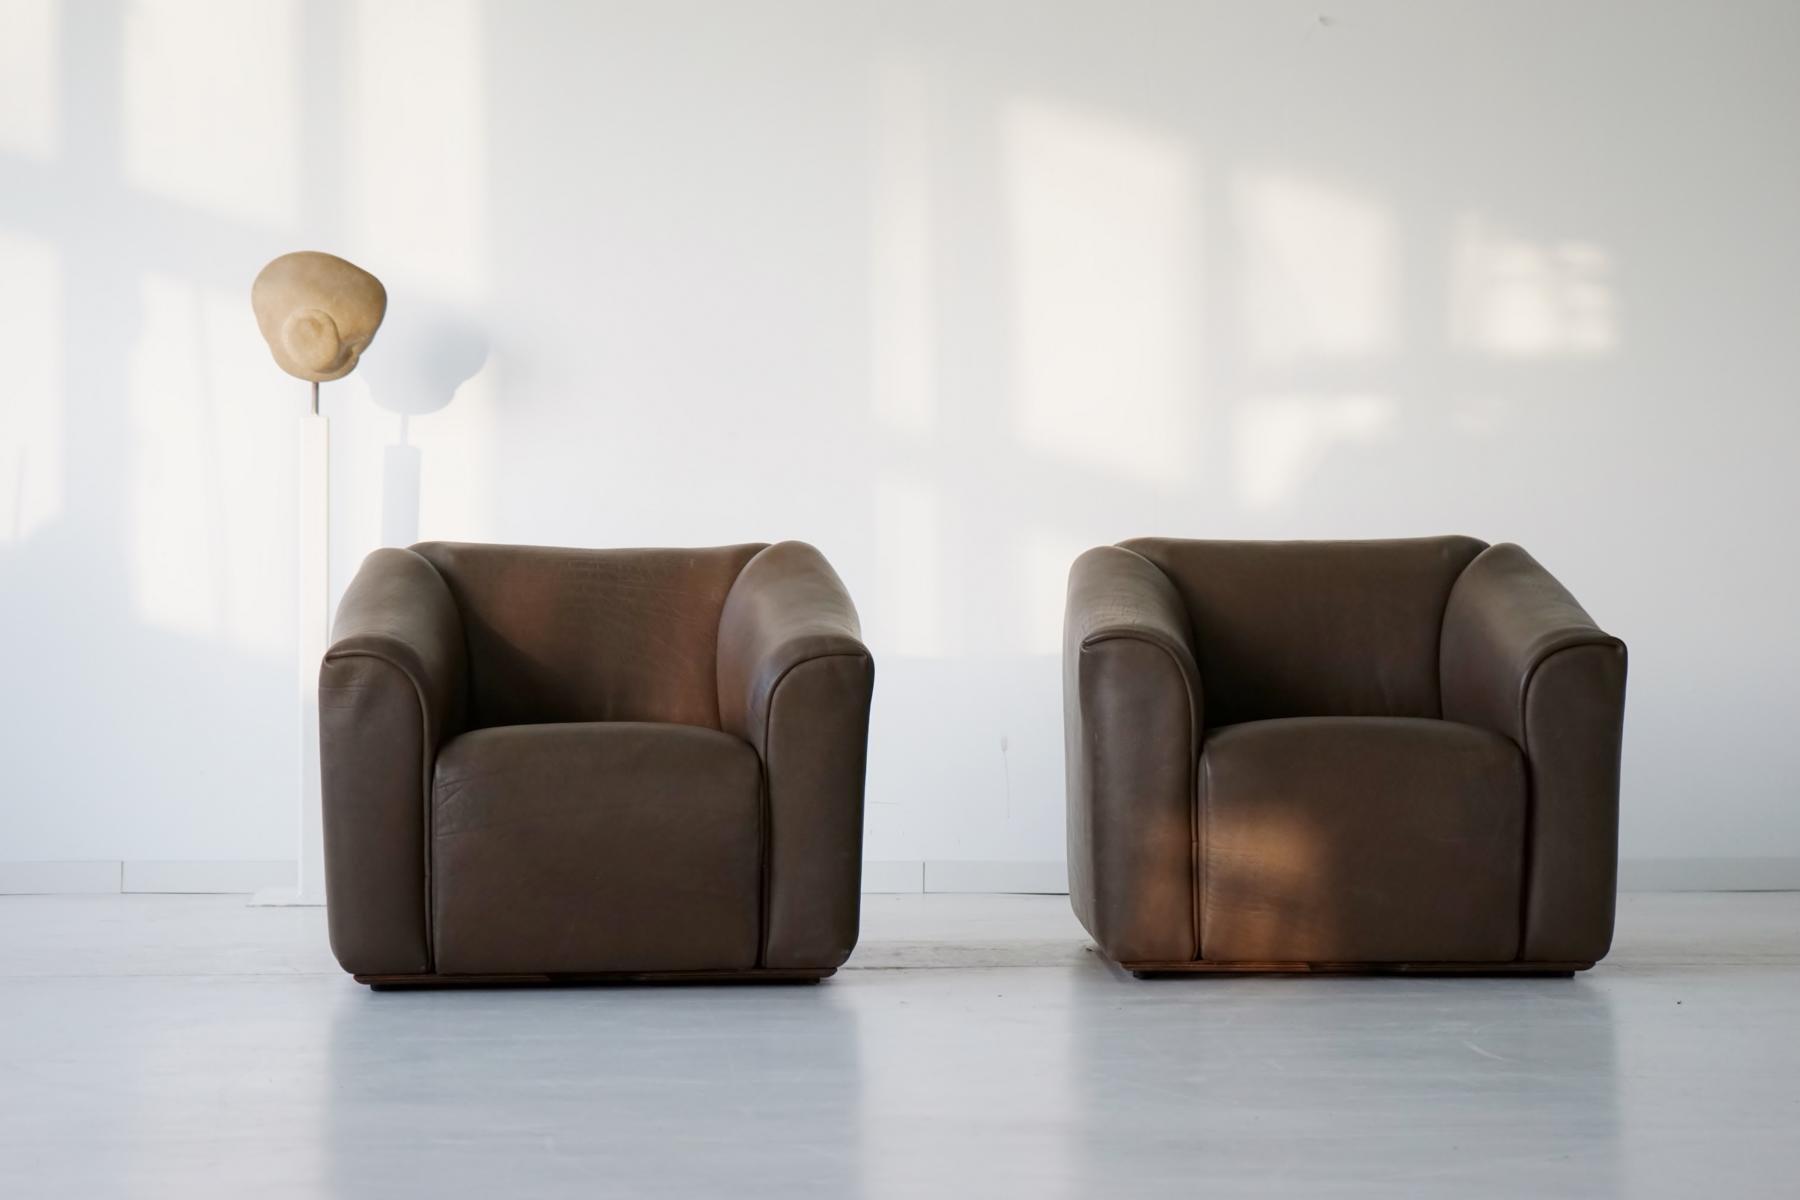 vintage ds 47 neckleder sessel von de sede 2er set bei pamono kaufen. Black Bedroom Furniture Sets. Home Design Ideas